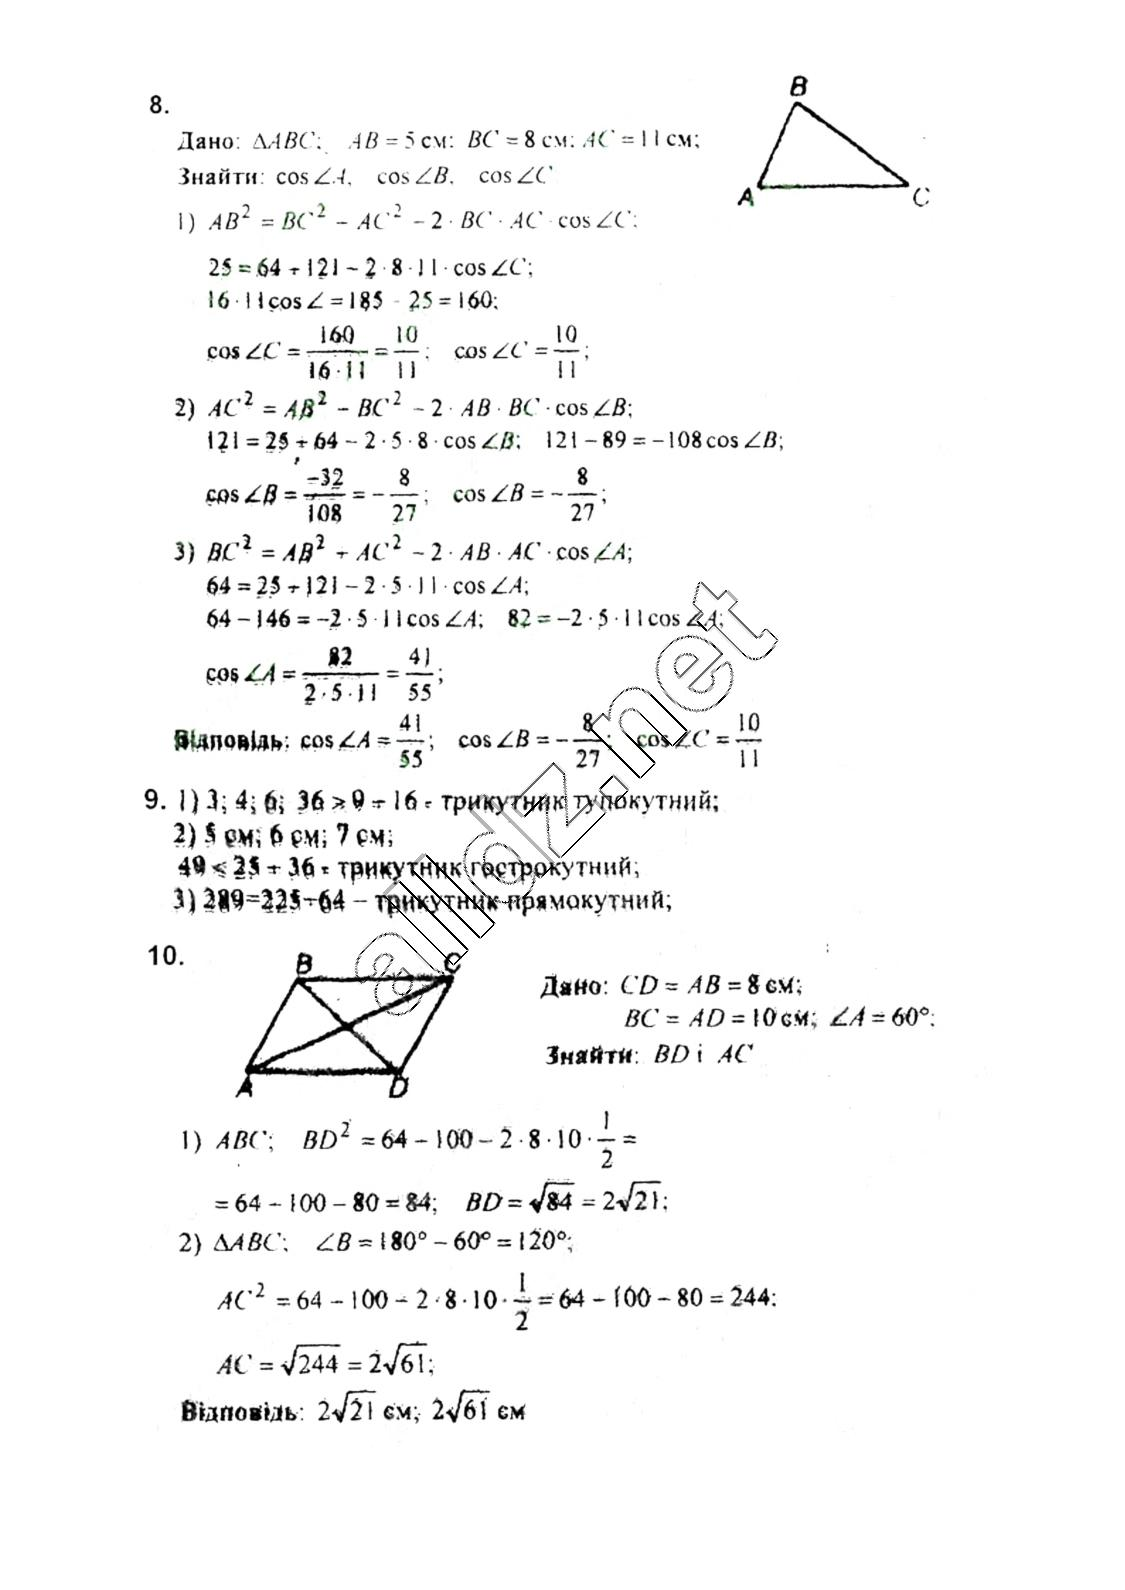 Гдз геометрия 9 класс мерзляк перевір себе